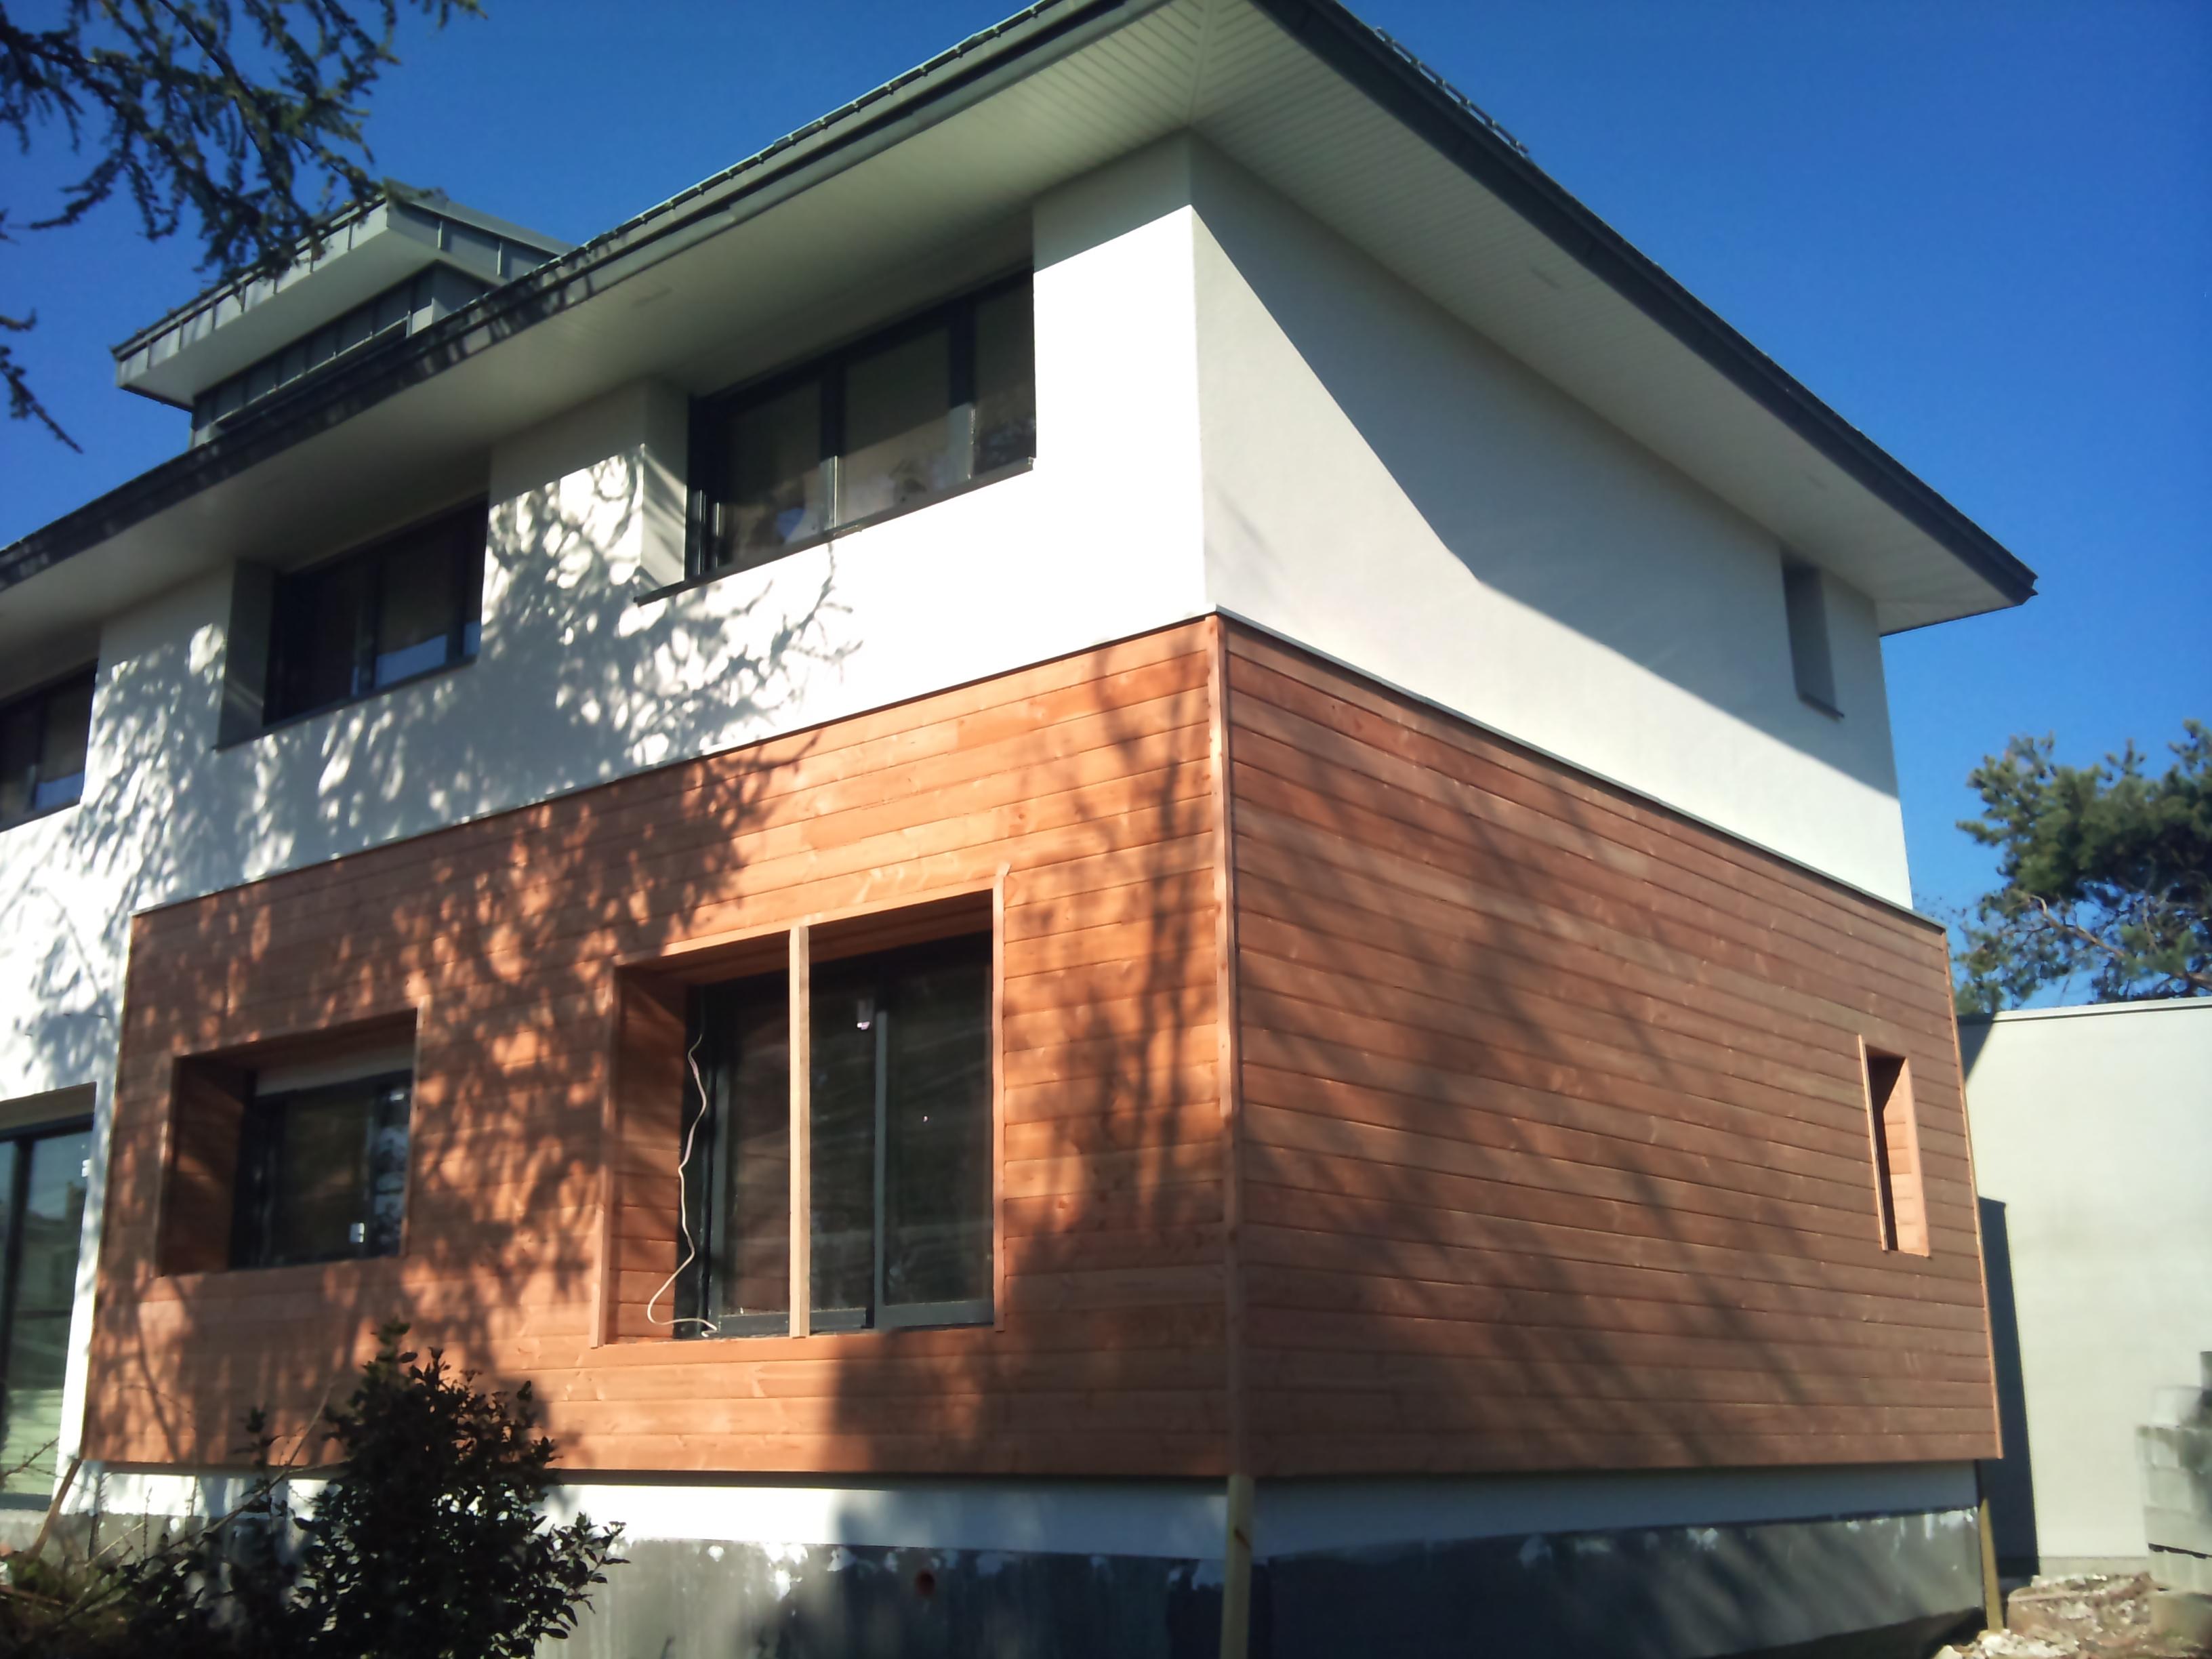 Visuel bâtiment extérieur